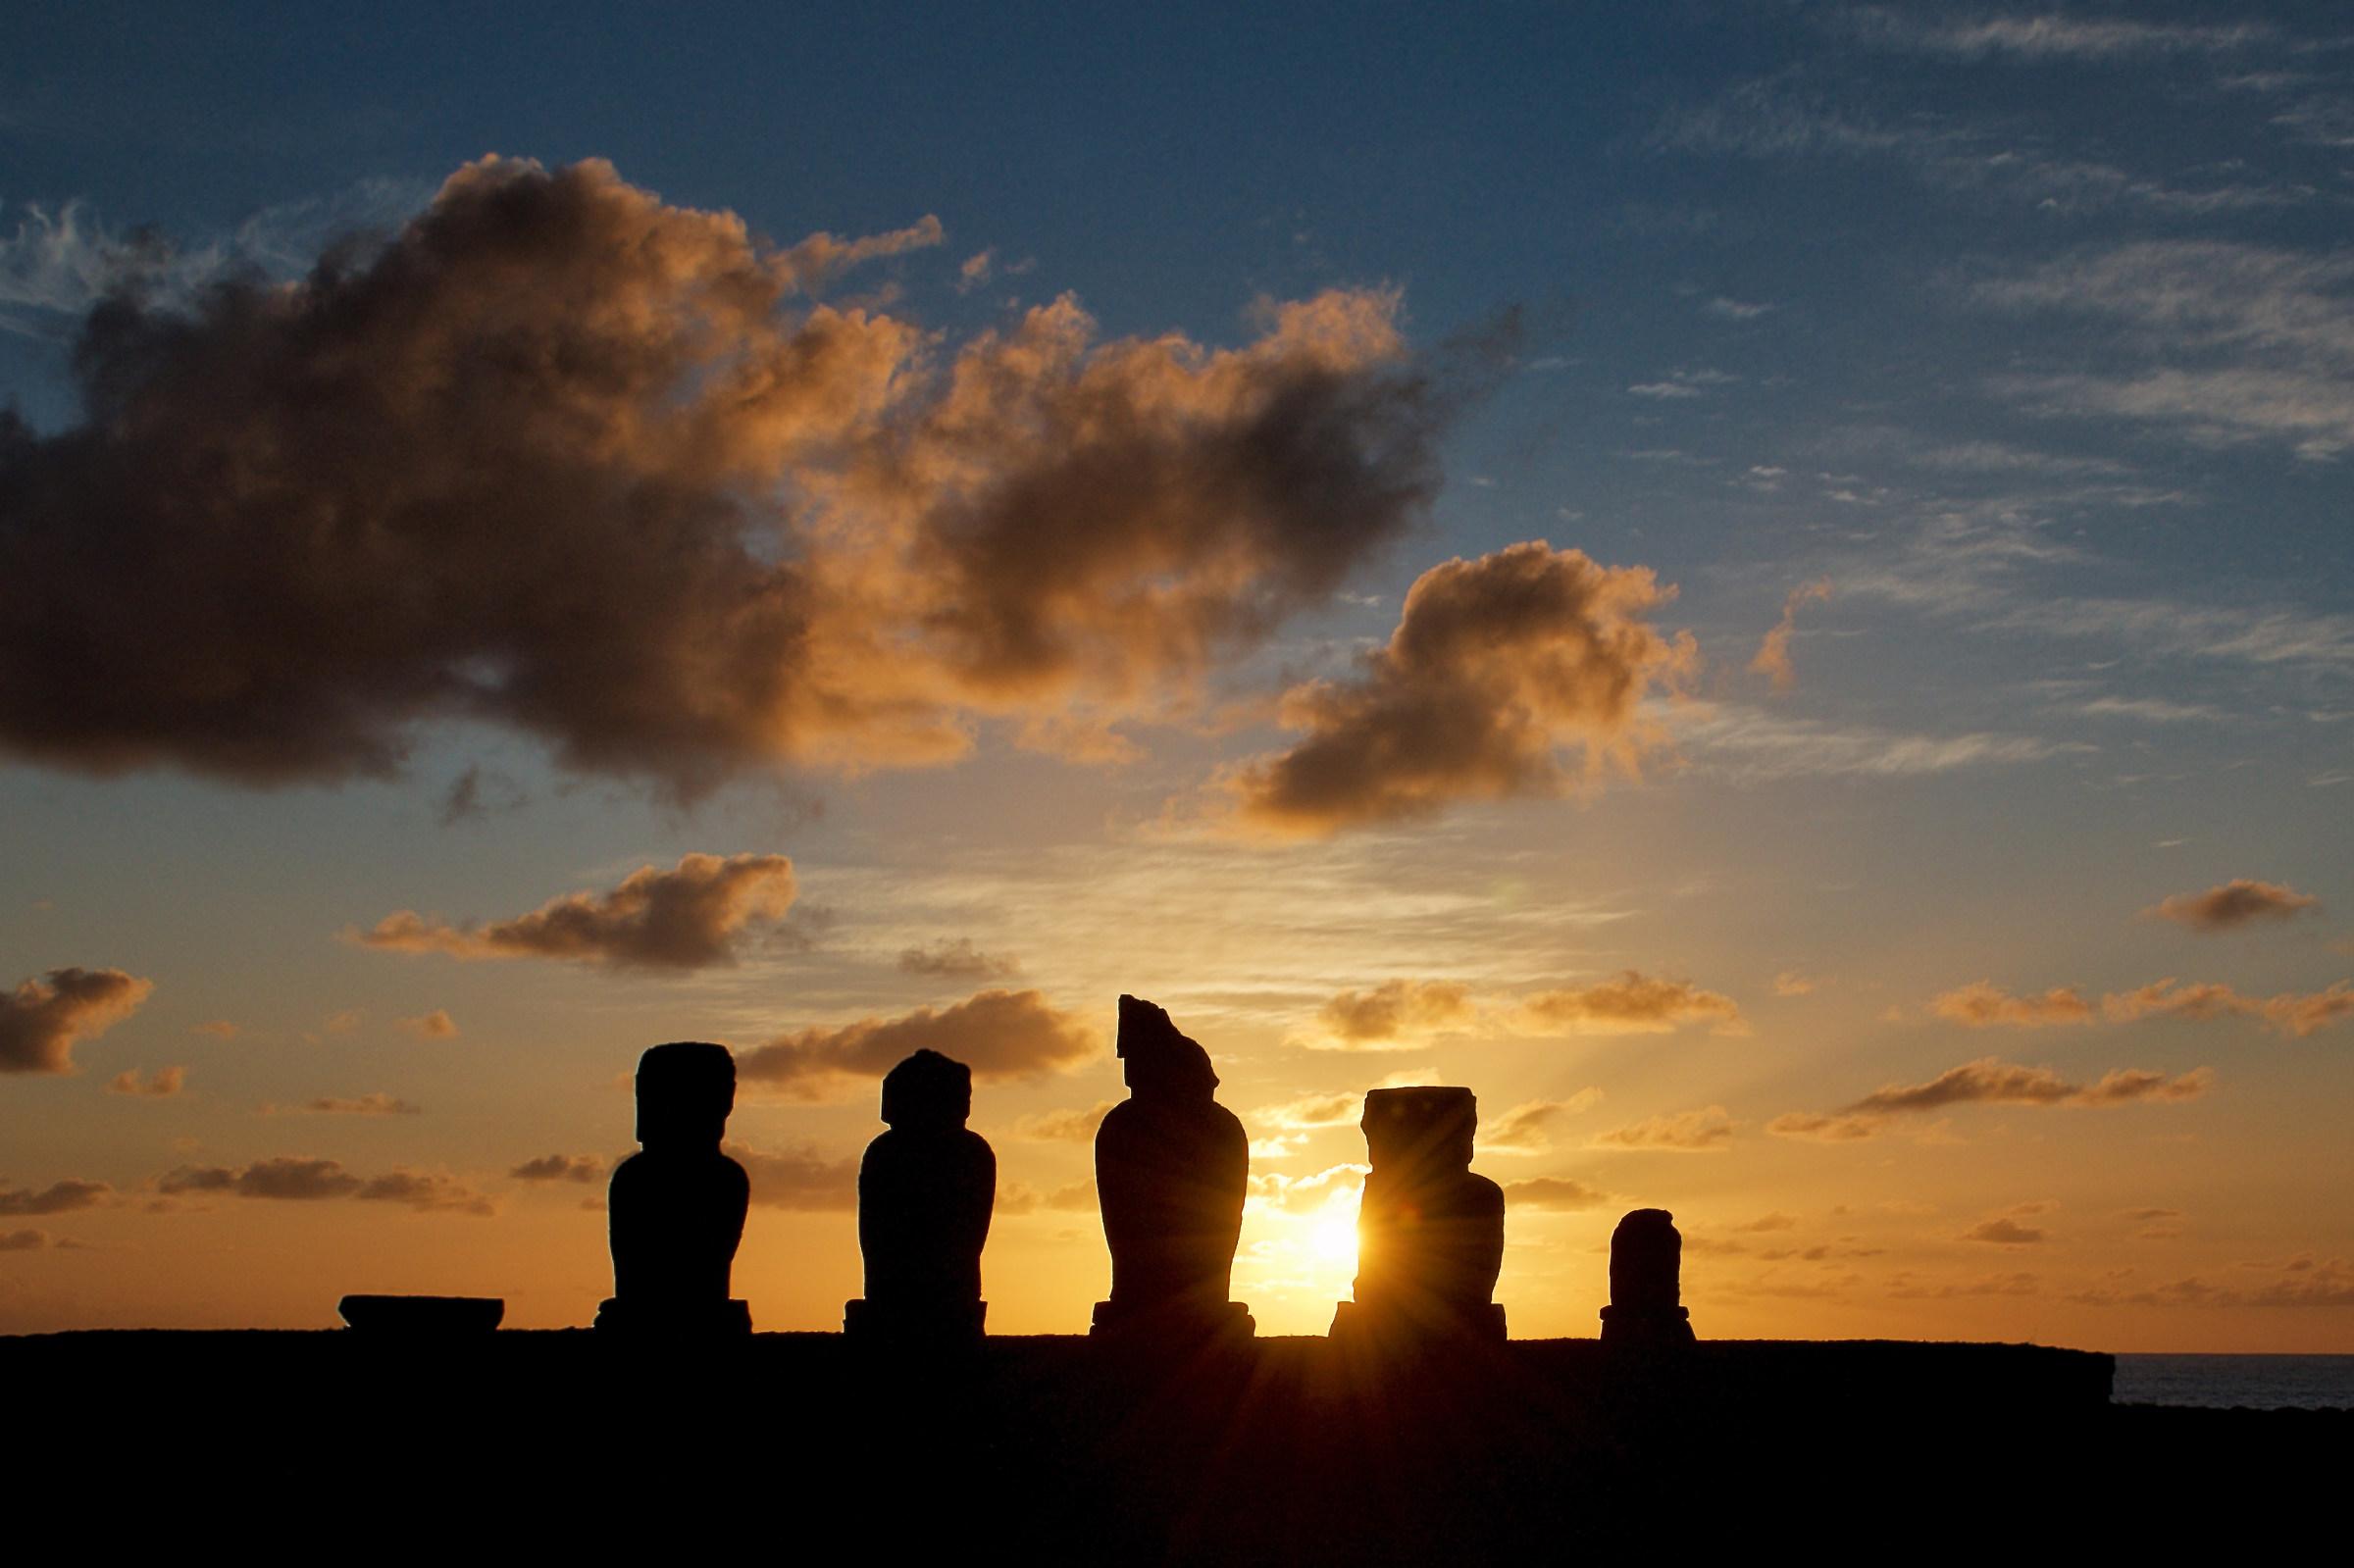 Moai at dusk...